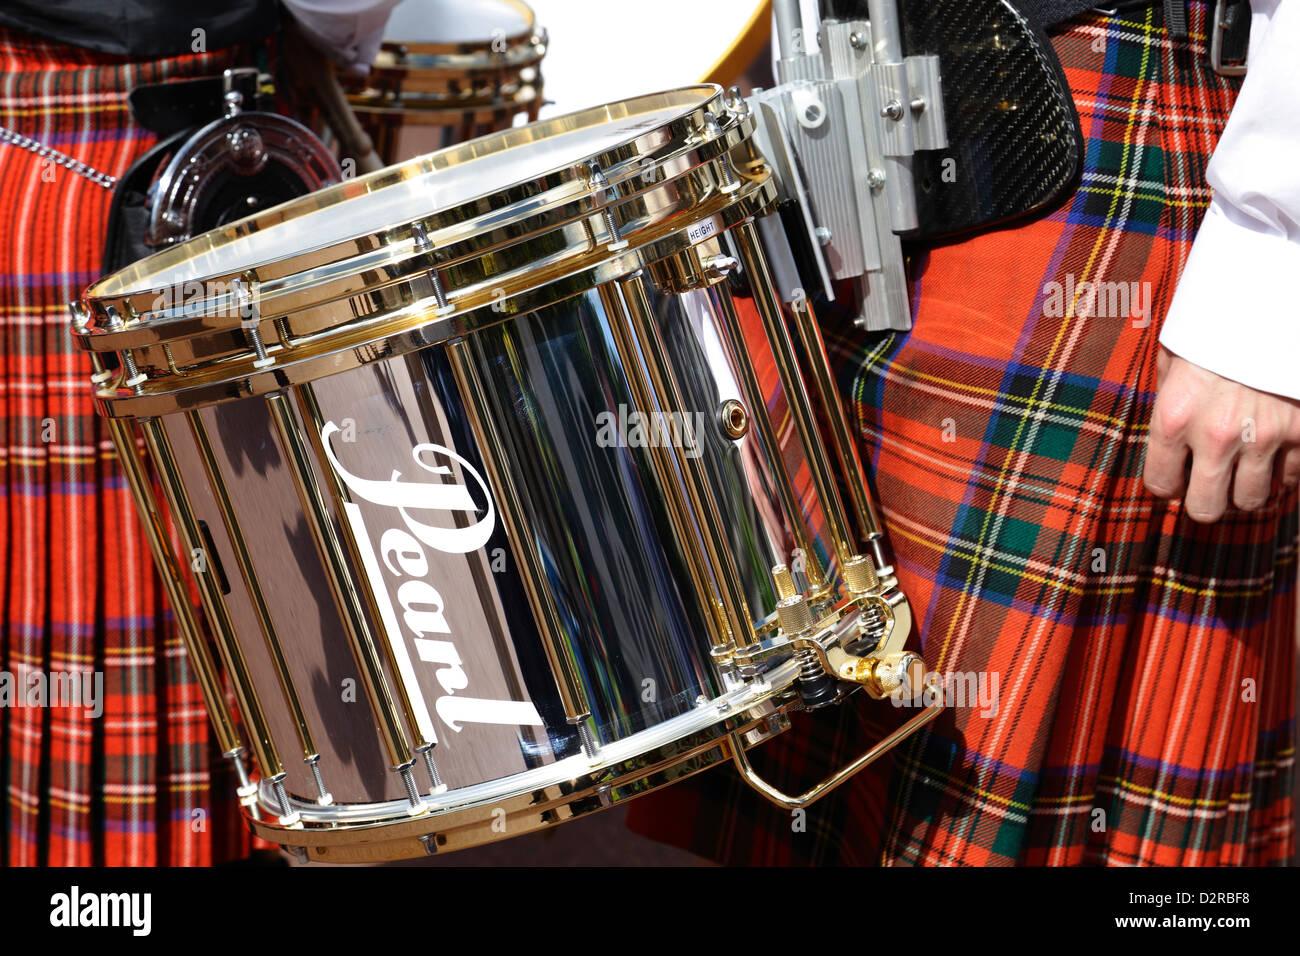 Ein Drummer aus der Strathclyde Police Pipe Band bei Piping Live Event, Glasgow, Schottland, UK Stockbild